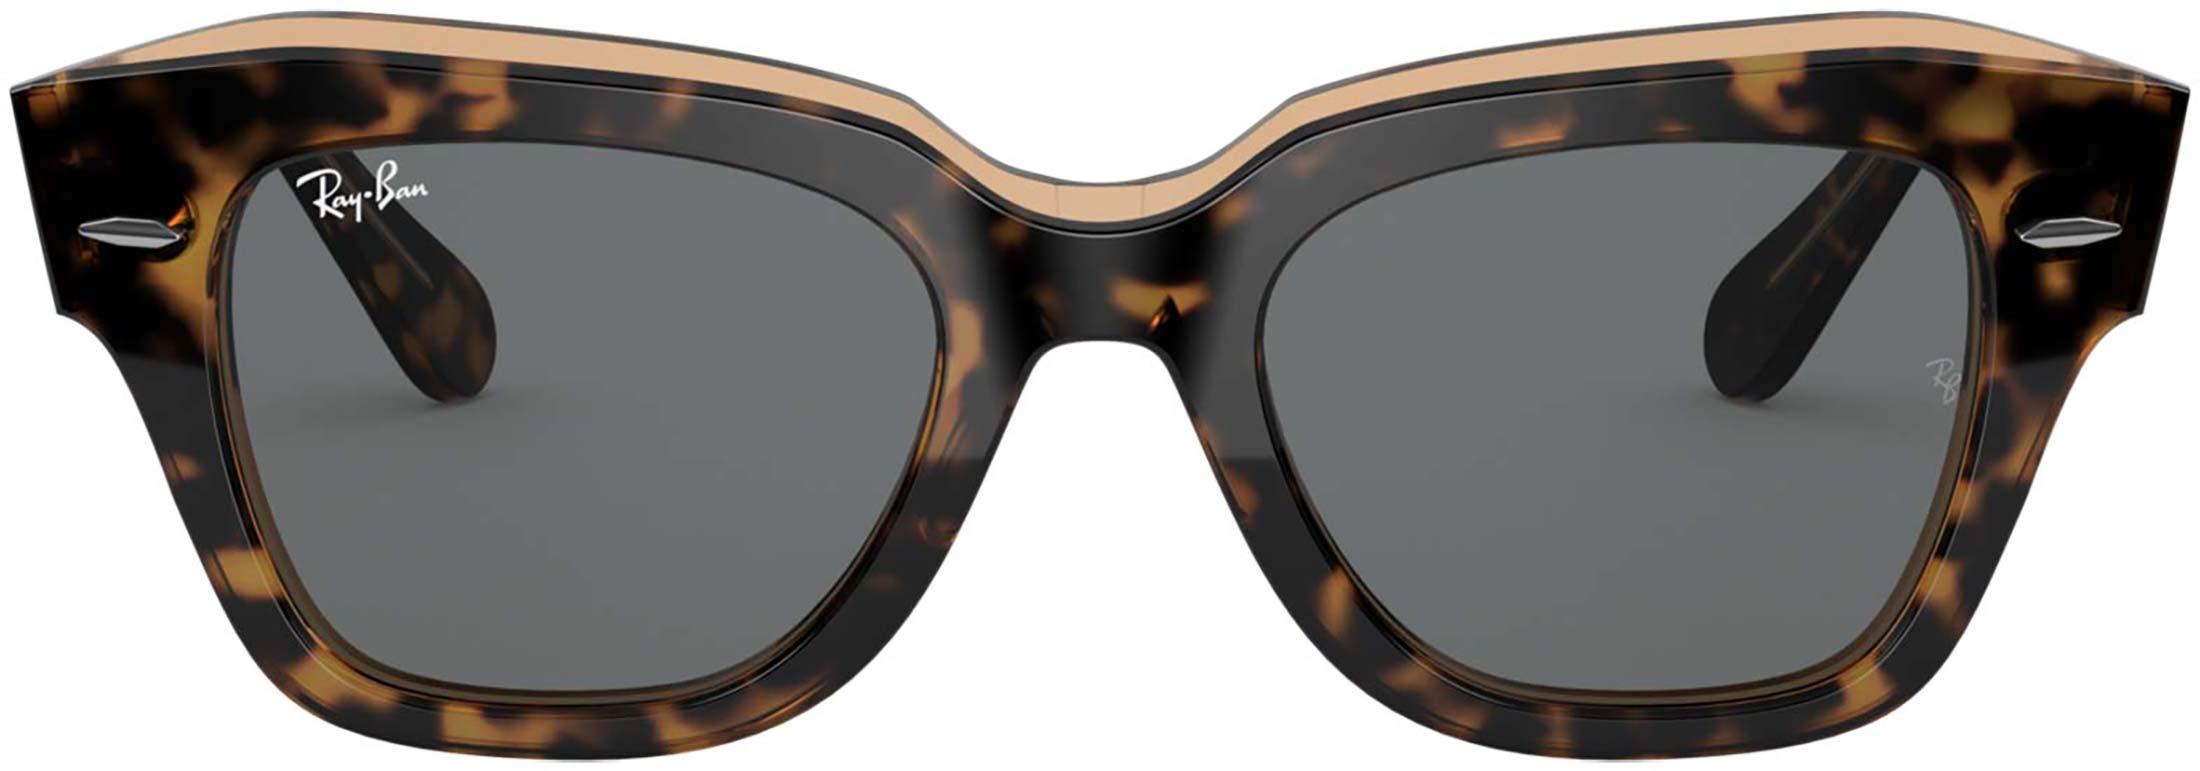 my glasses